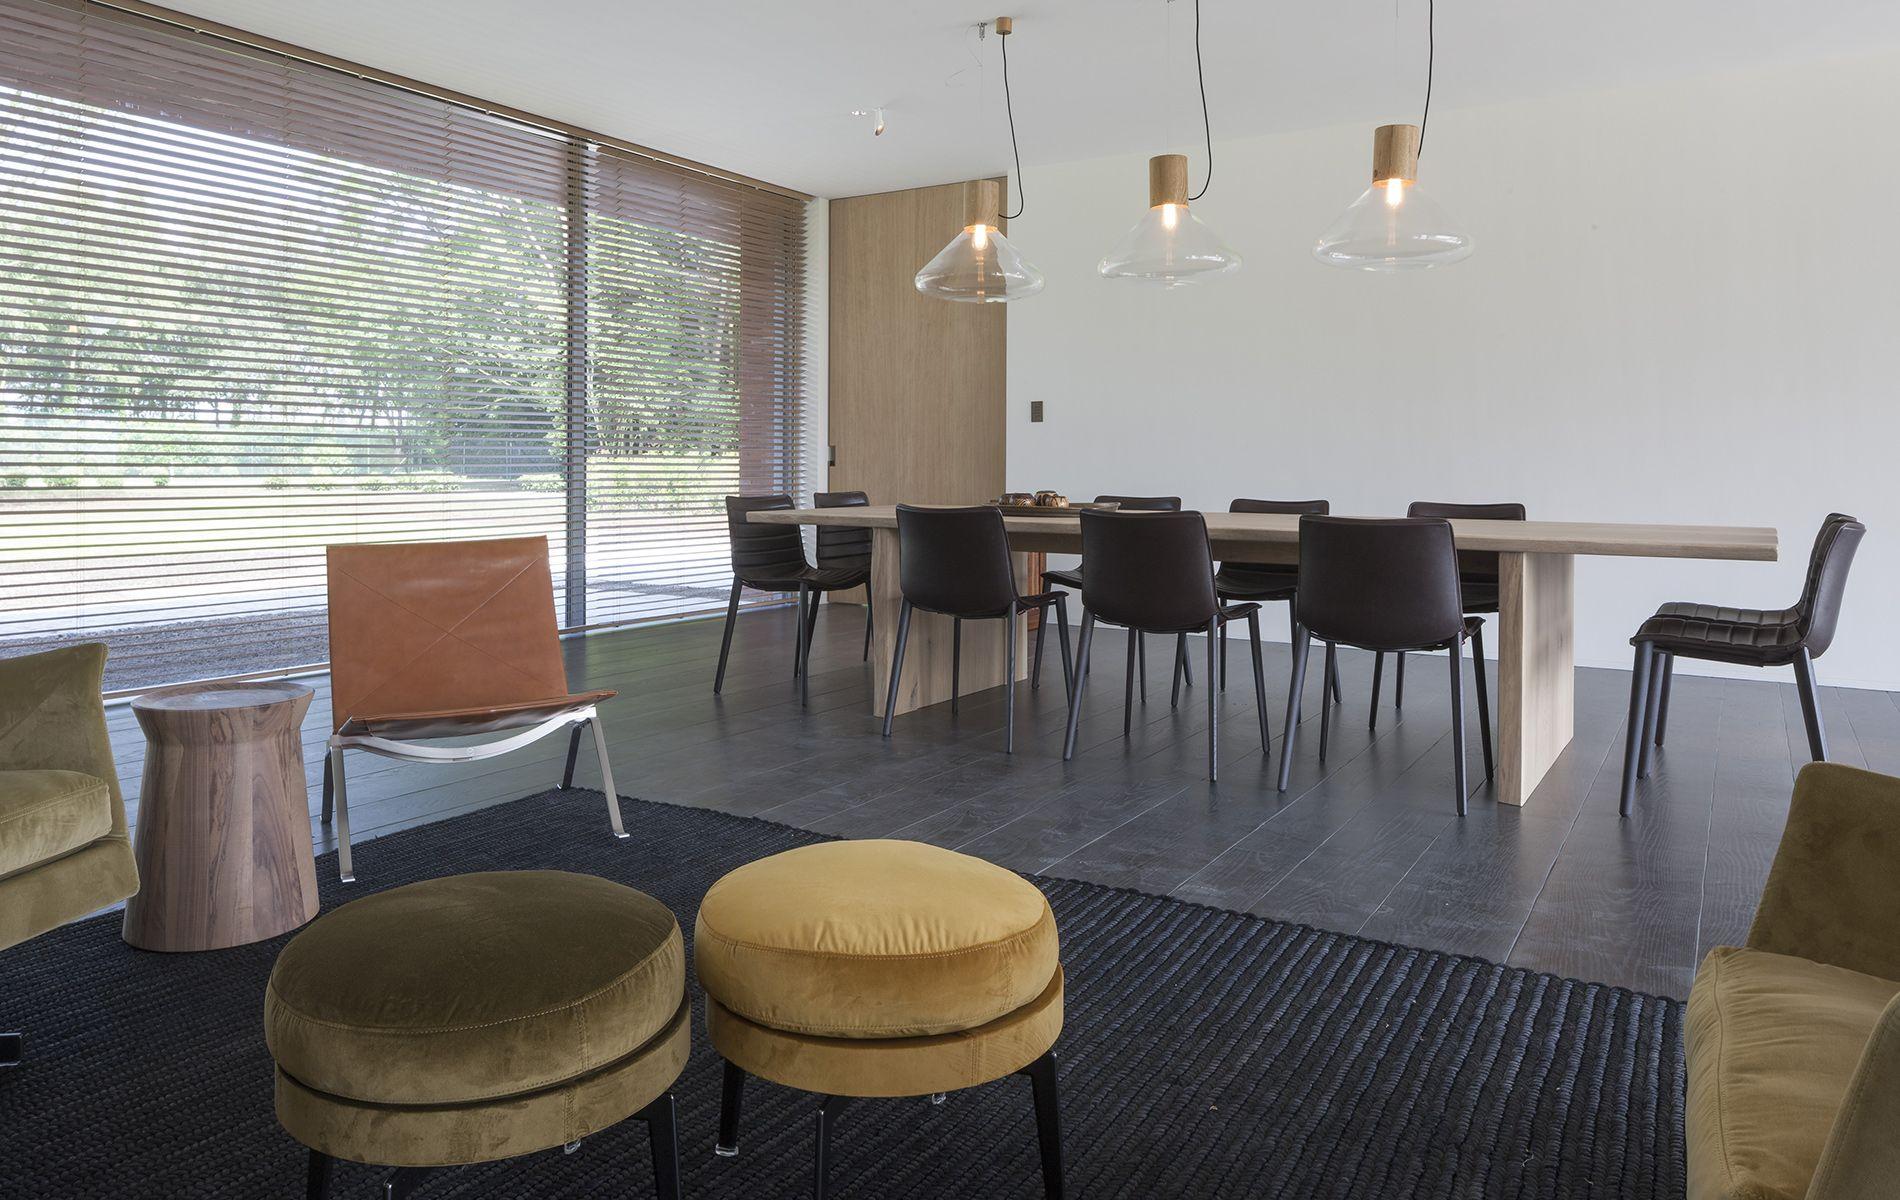 Rr interieur belgium project me idee n voor het huis for Rr interieur